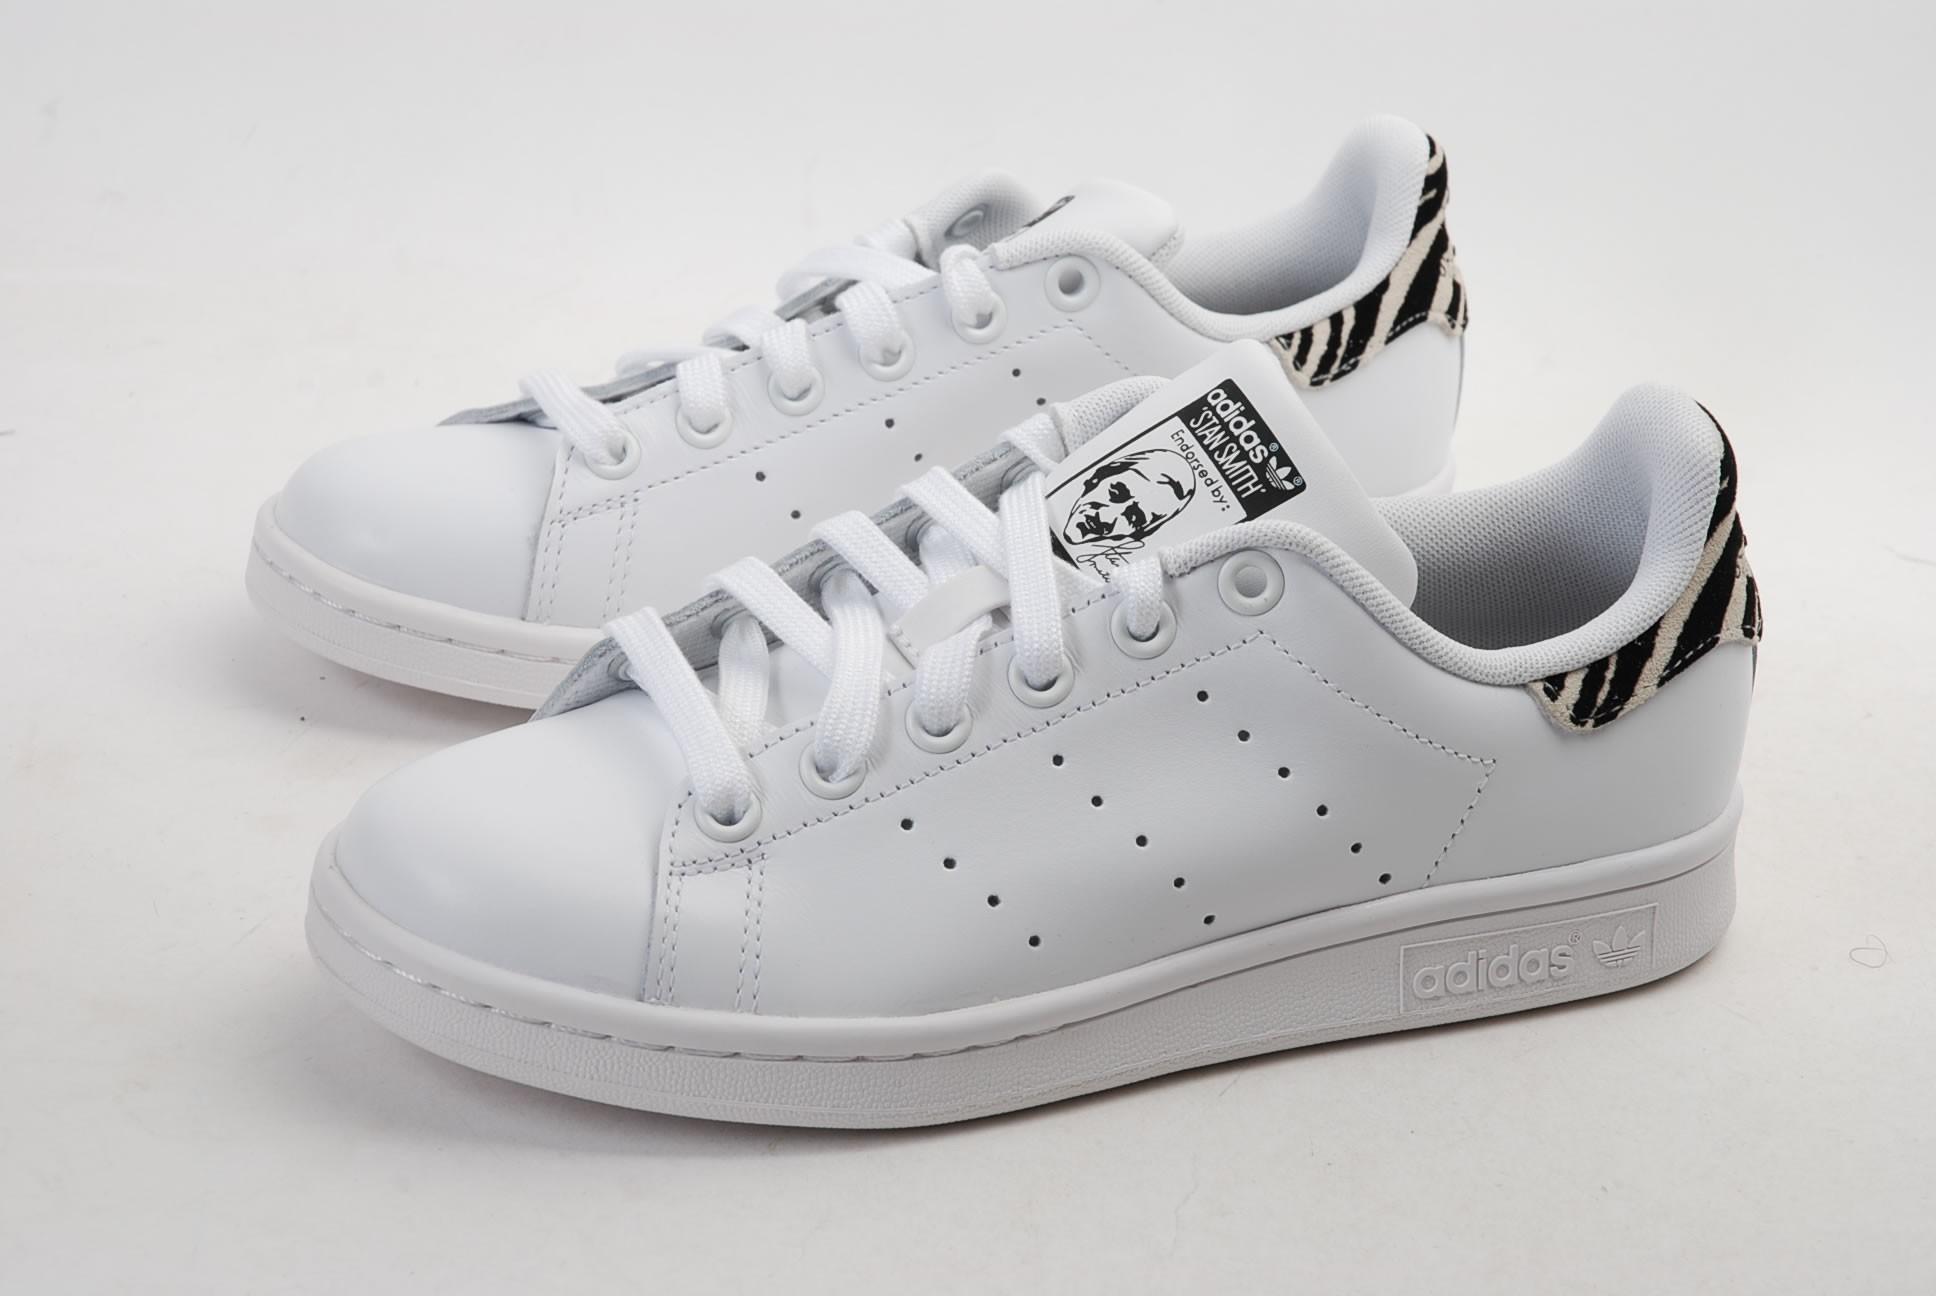 adidas stan smith femme blanche zebre - www.automaty-zdarma.eu